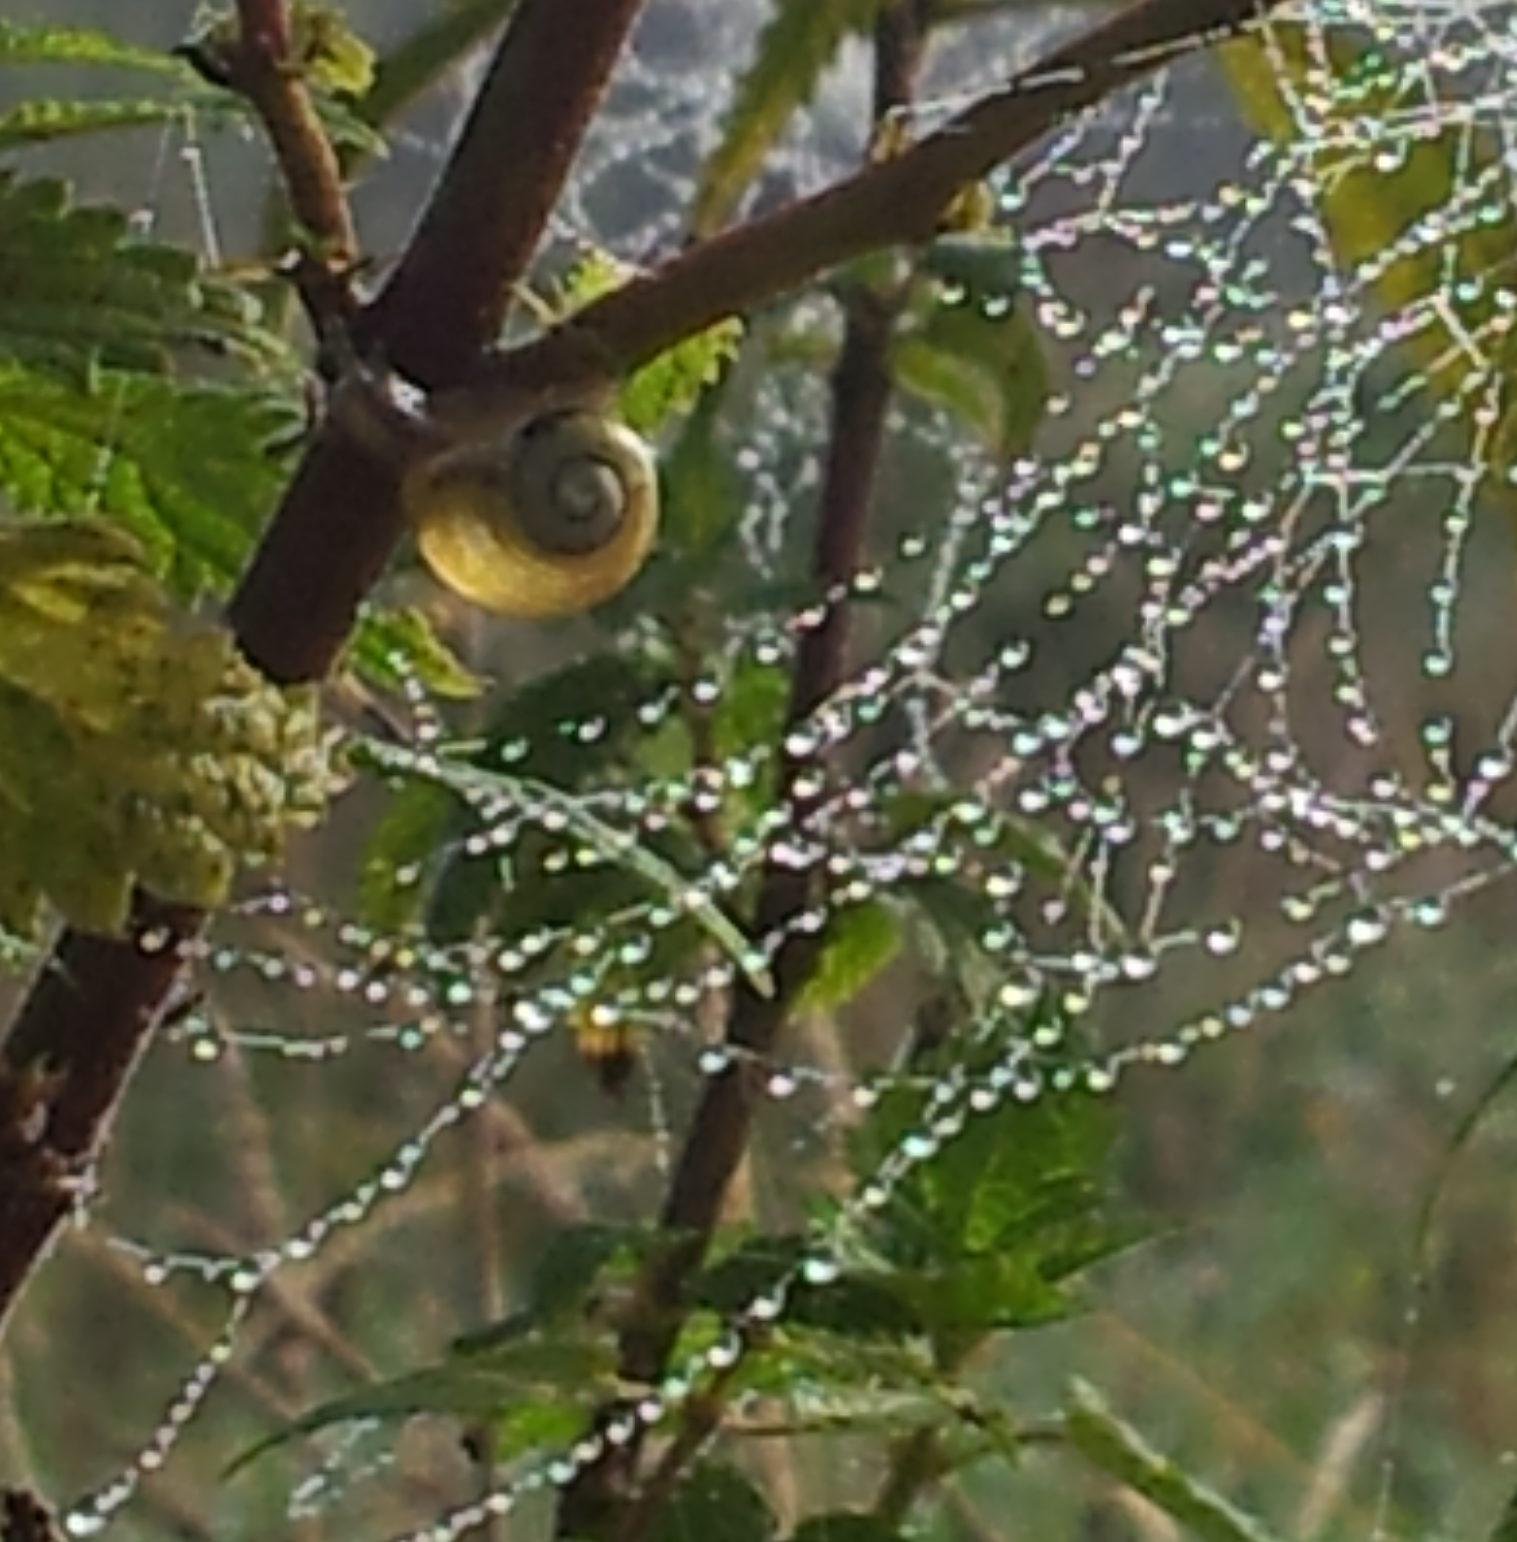 auf einer Brennessel hängt ein Spinnennetz mit Morgentau und auf der Brennessel sitzt mittig eine kleine Schnecke mit Haus, Grossaufnahme